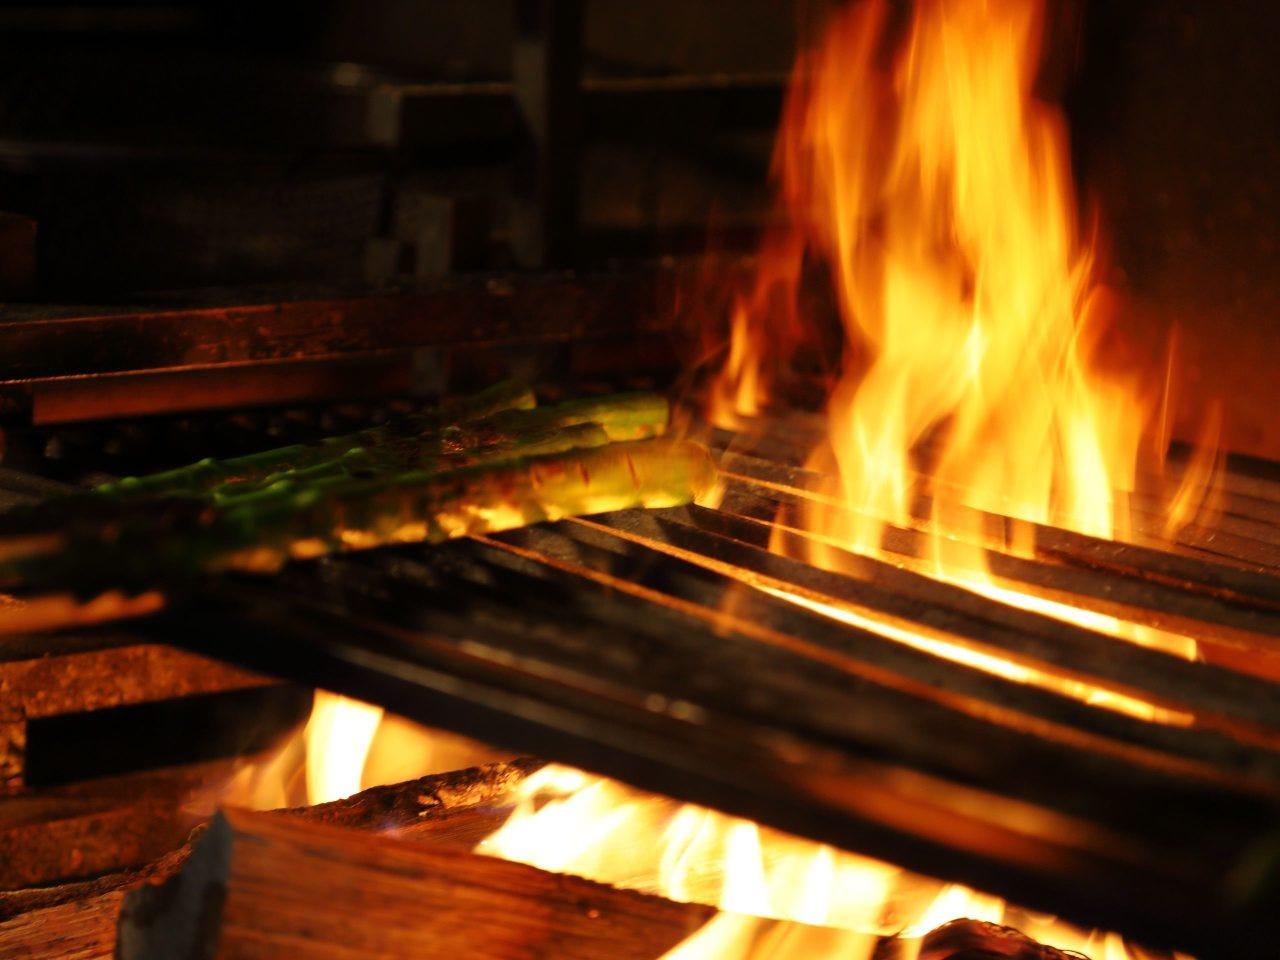 じっくりと焼き上げる薪火料理に舌鼓